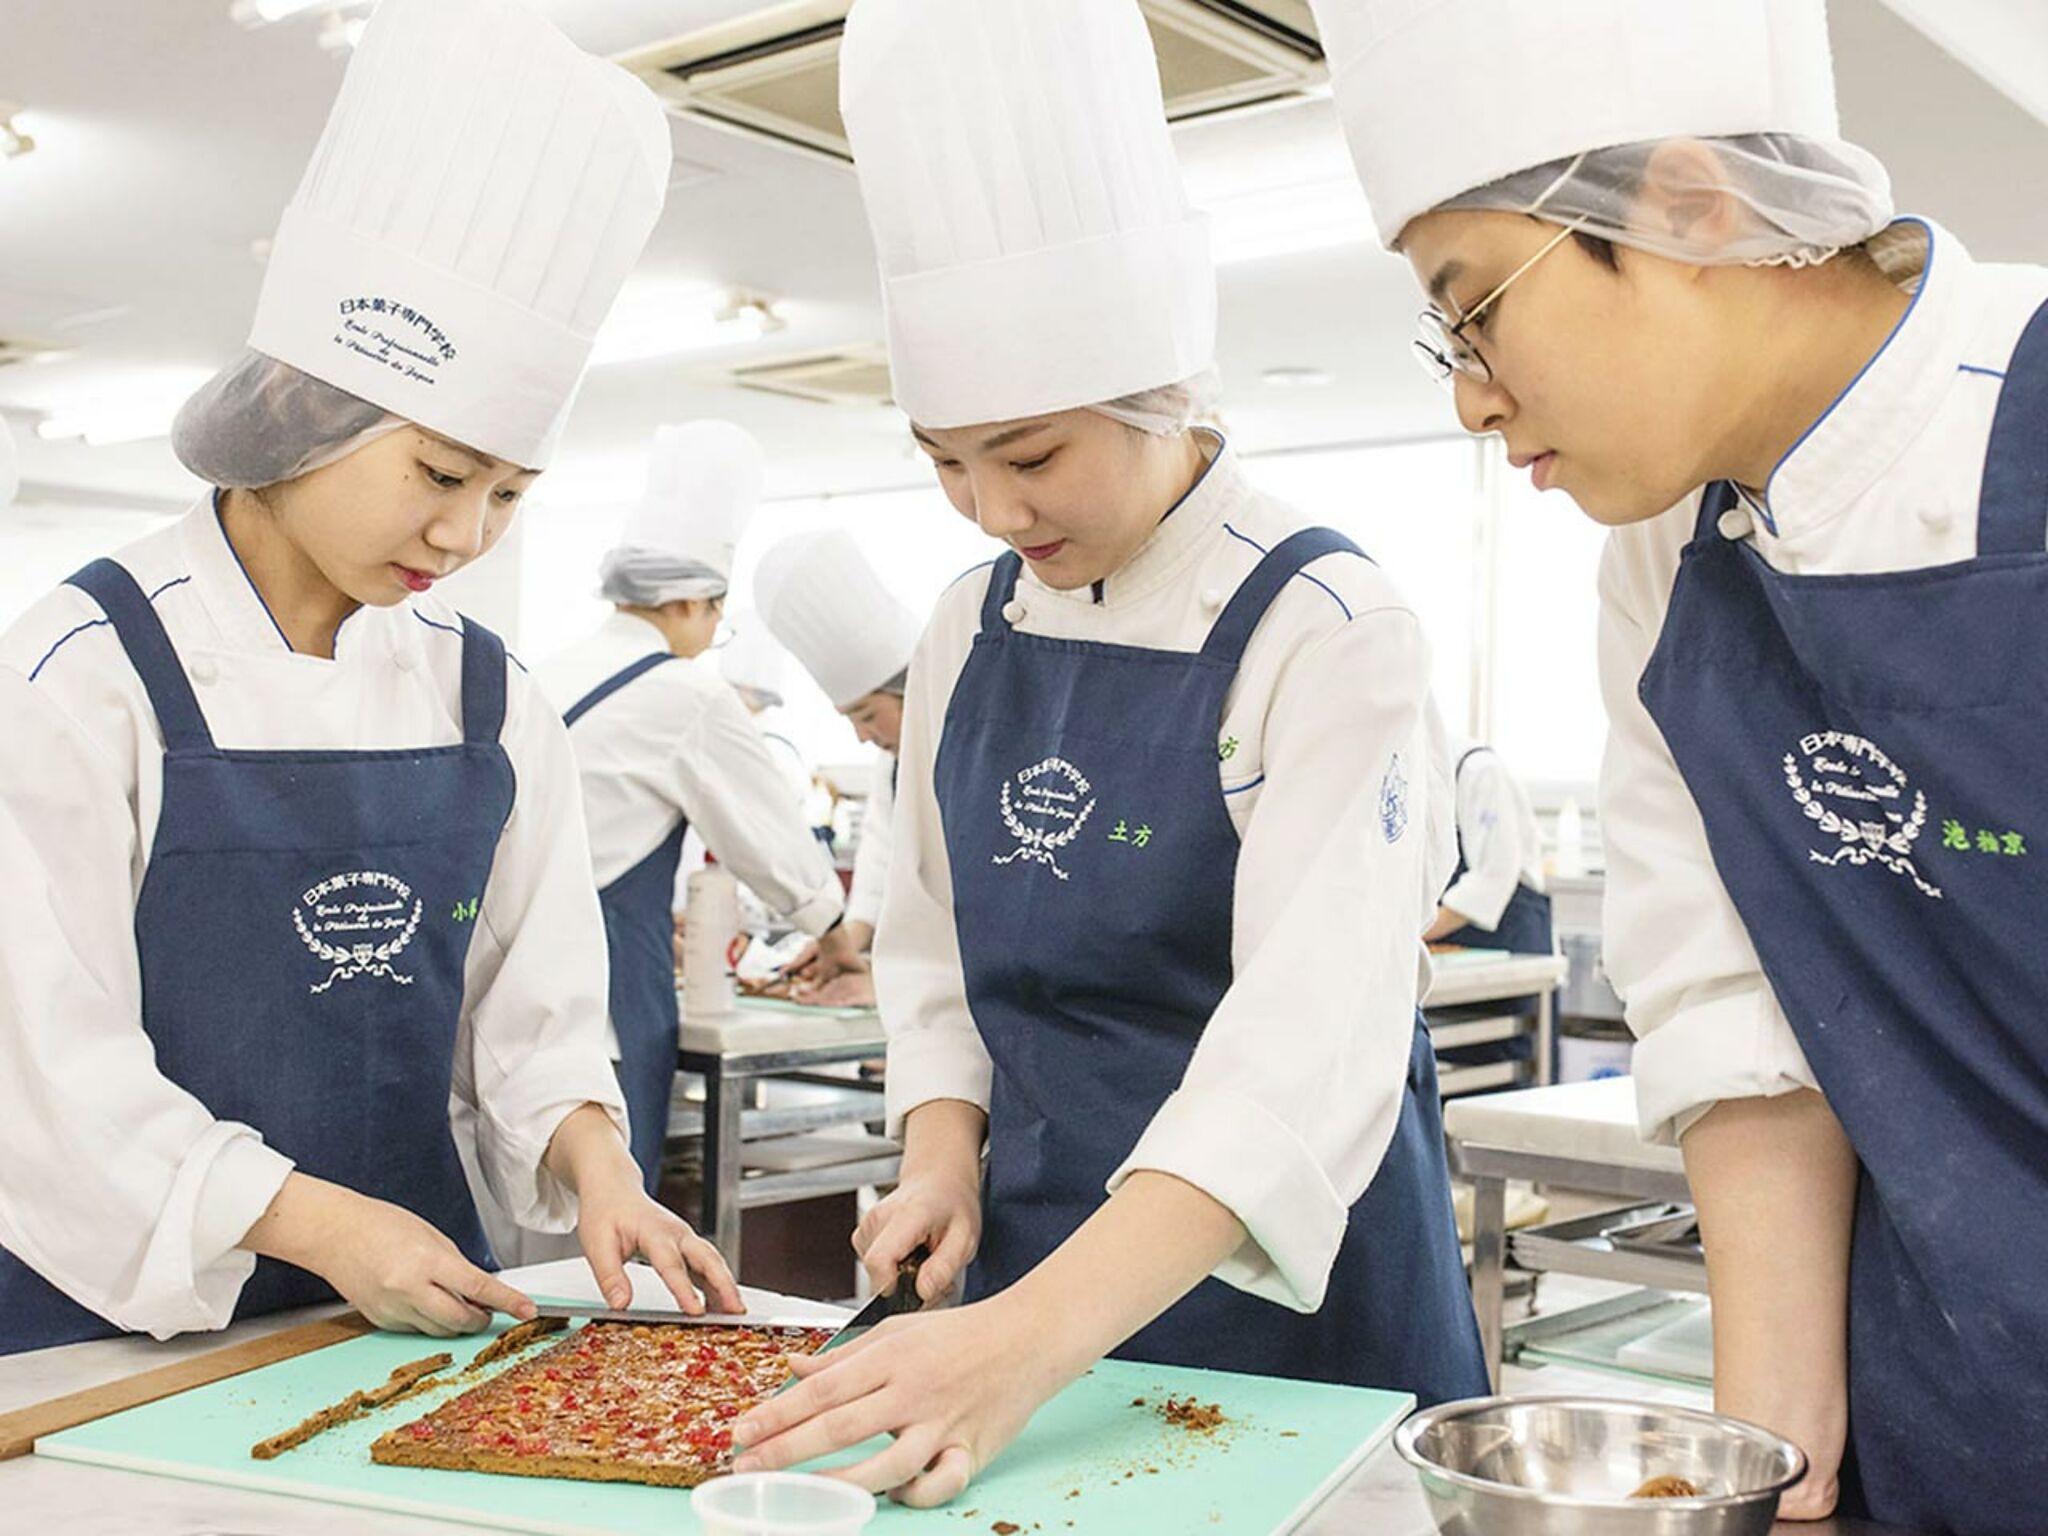 実習中に学生3人がお菓子を作っている画像